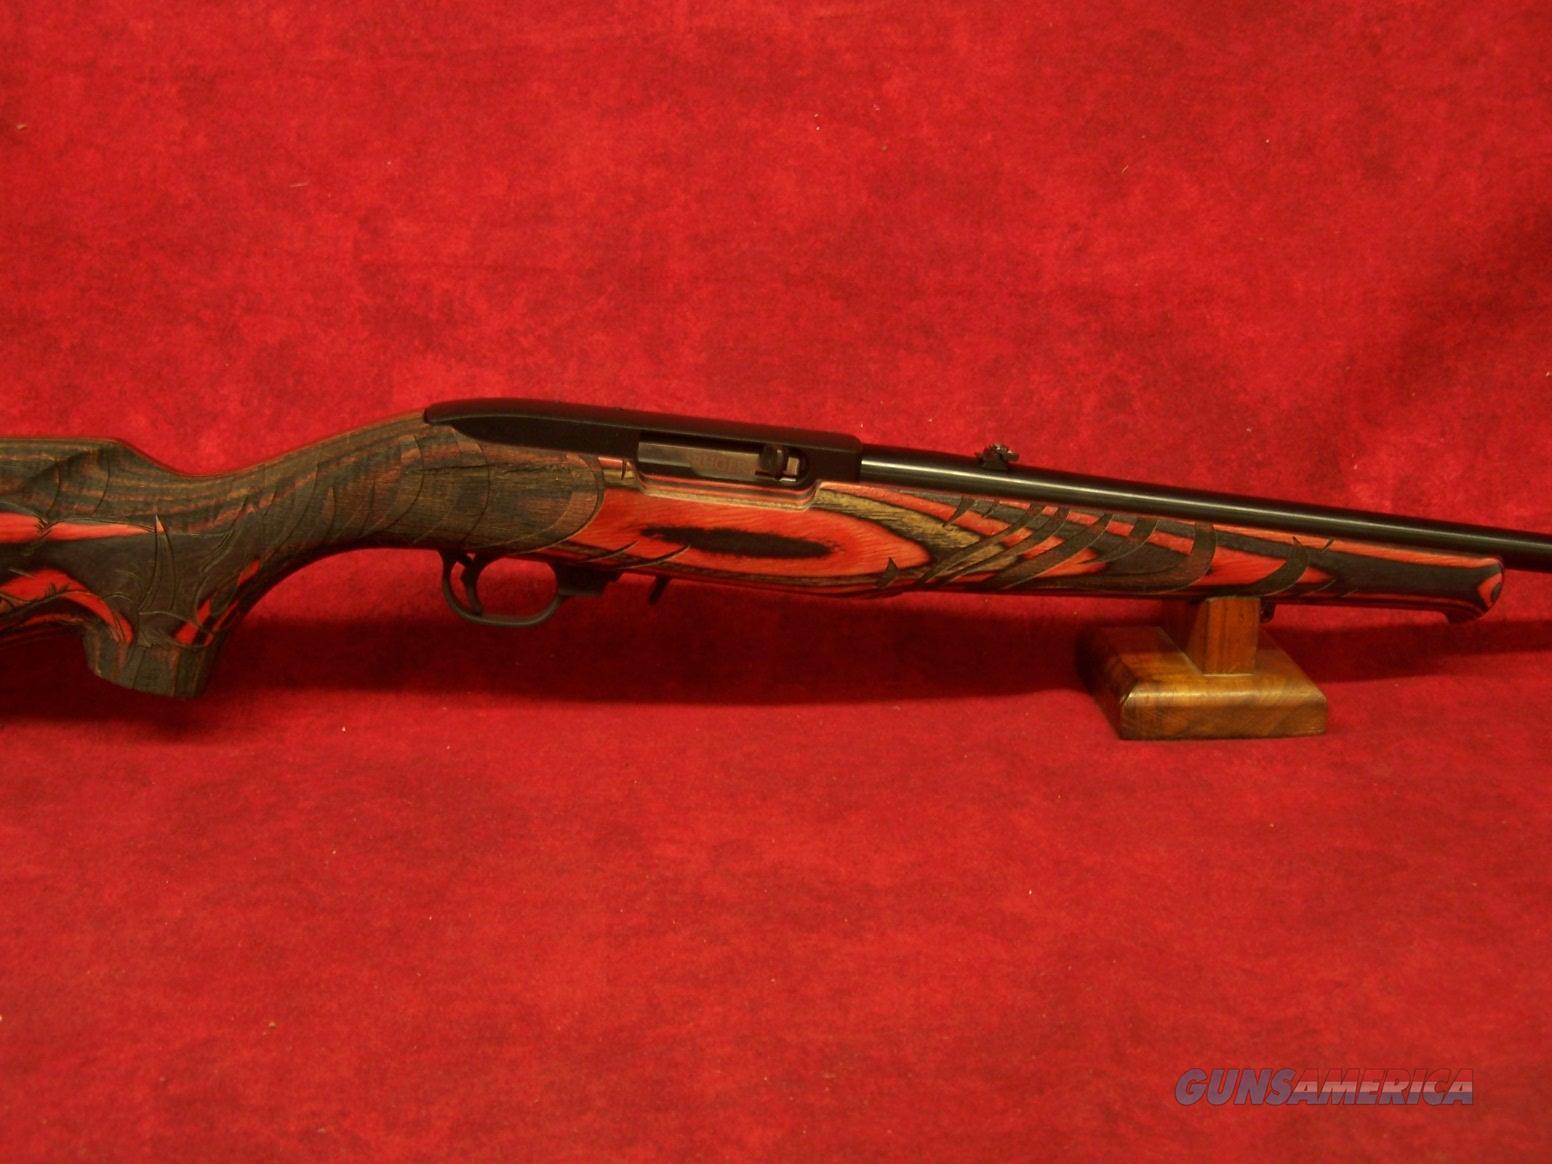 """Ruger 10/22 Wild Hog Sporter .22 LR 18.5"""" Barrel Red/Black Laminate (31107)  Guns > Rifles > Ruger Rifles > 10-22"""